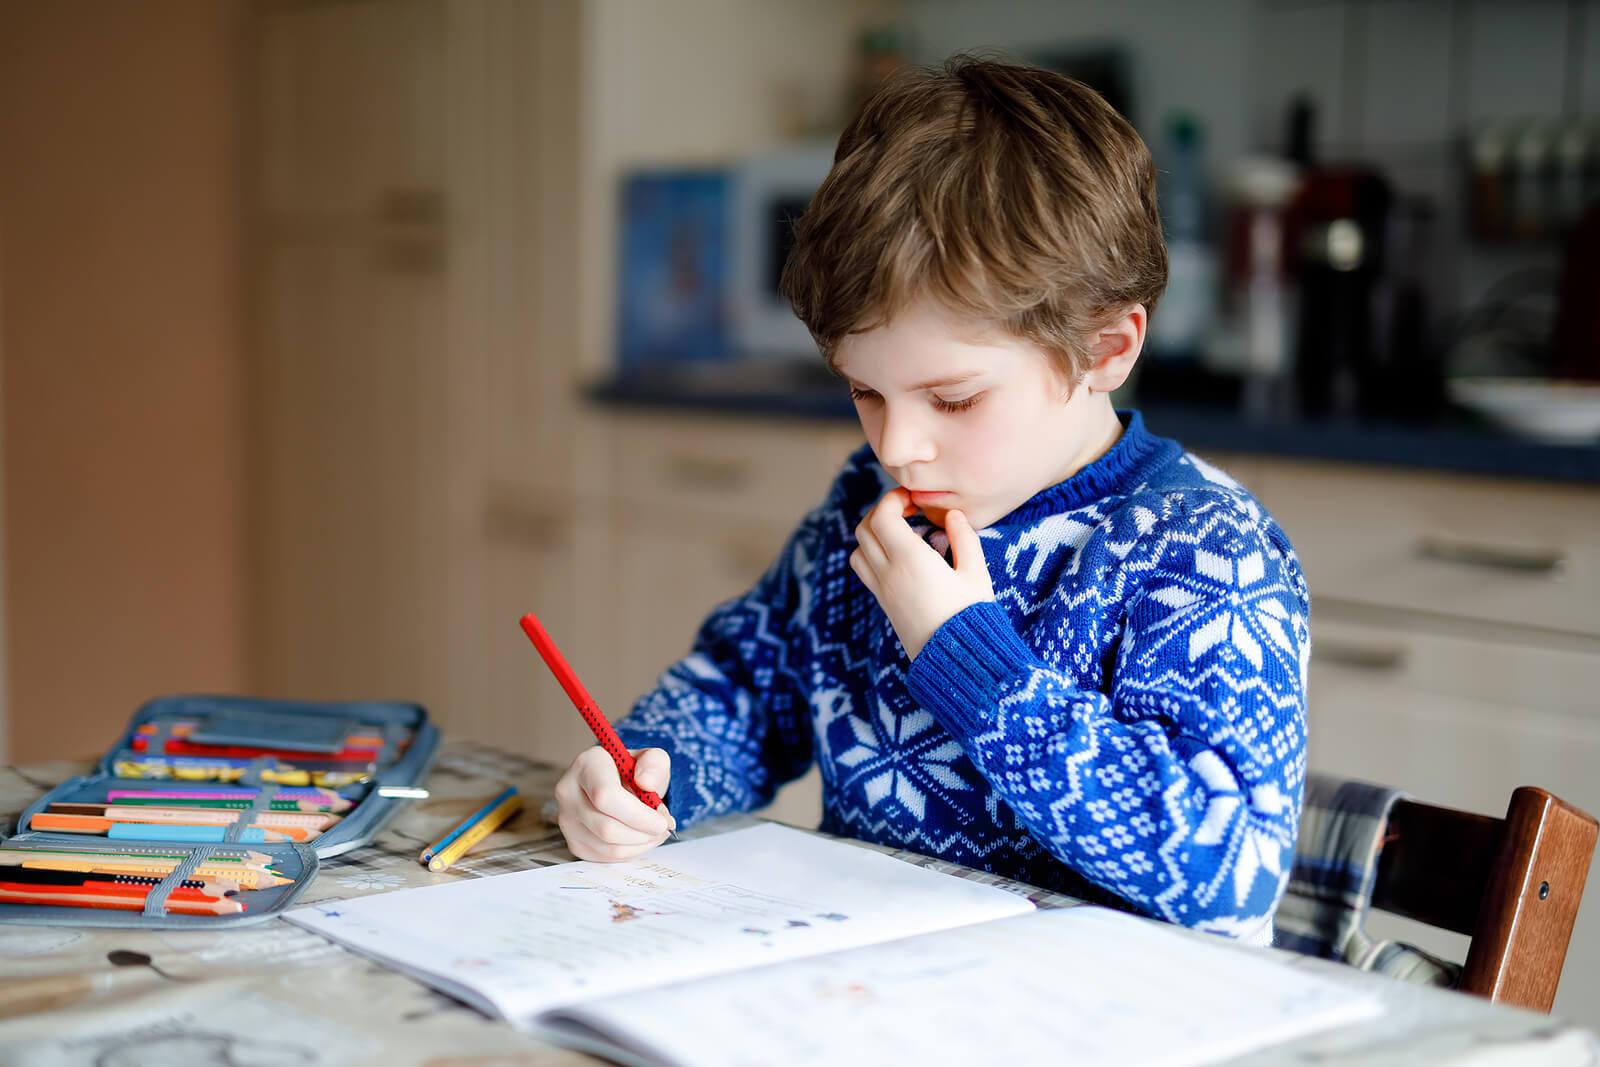 Niño haciendo deberes en casa durante sus horas de estudio.